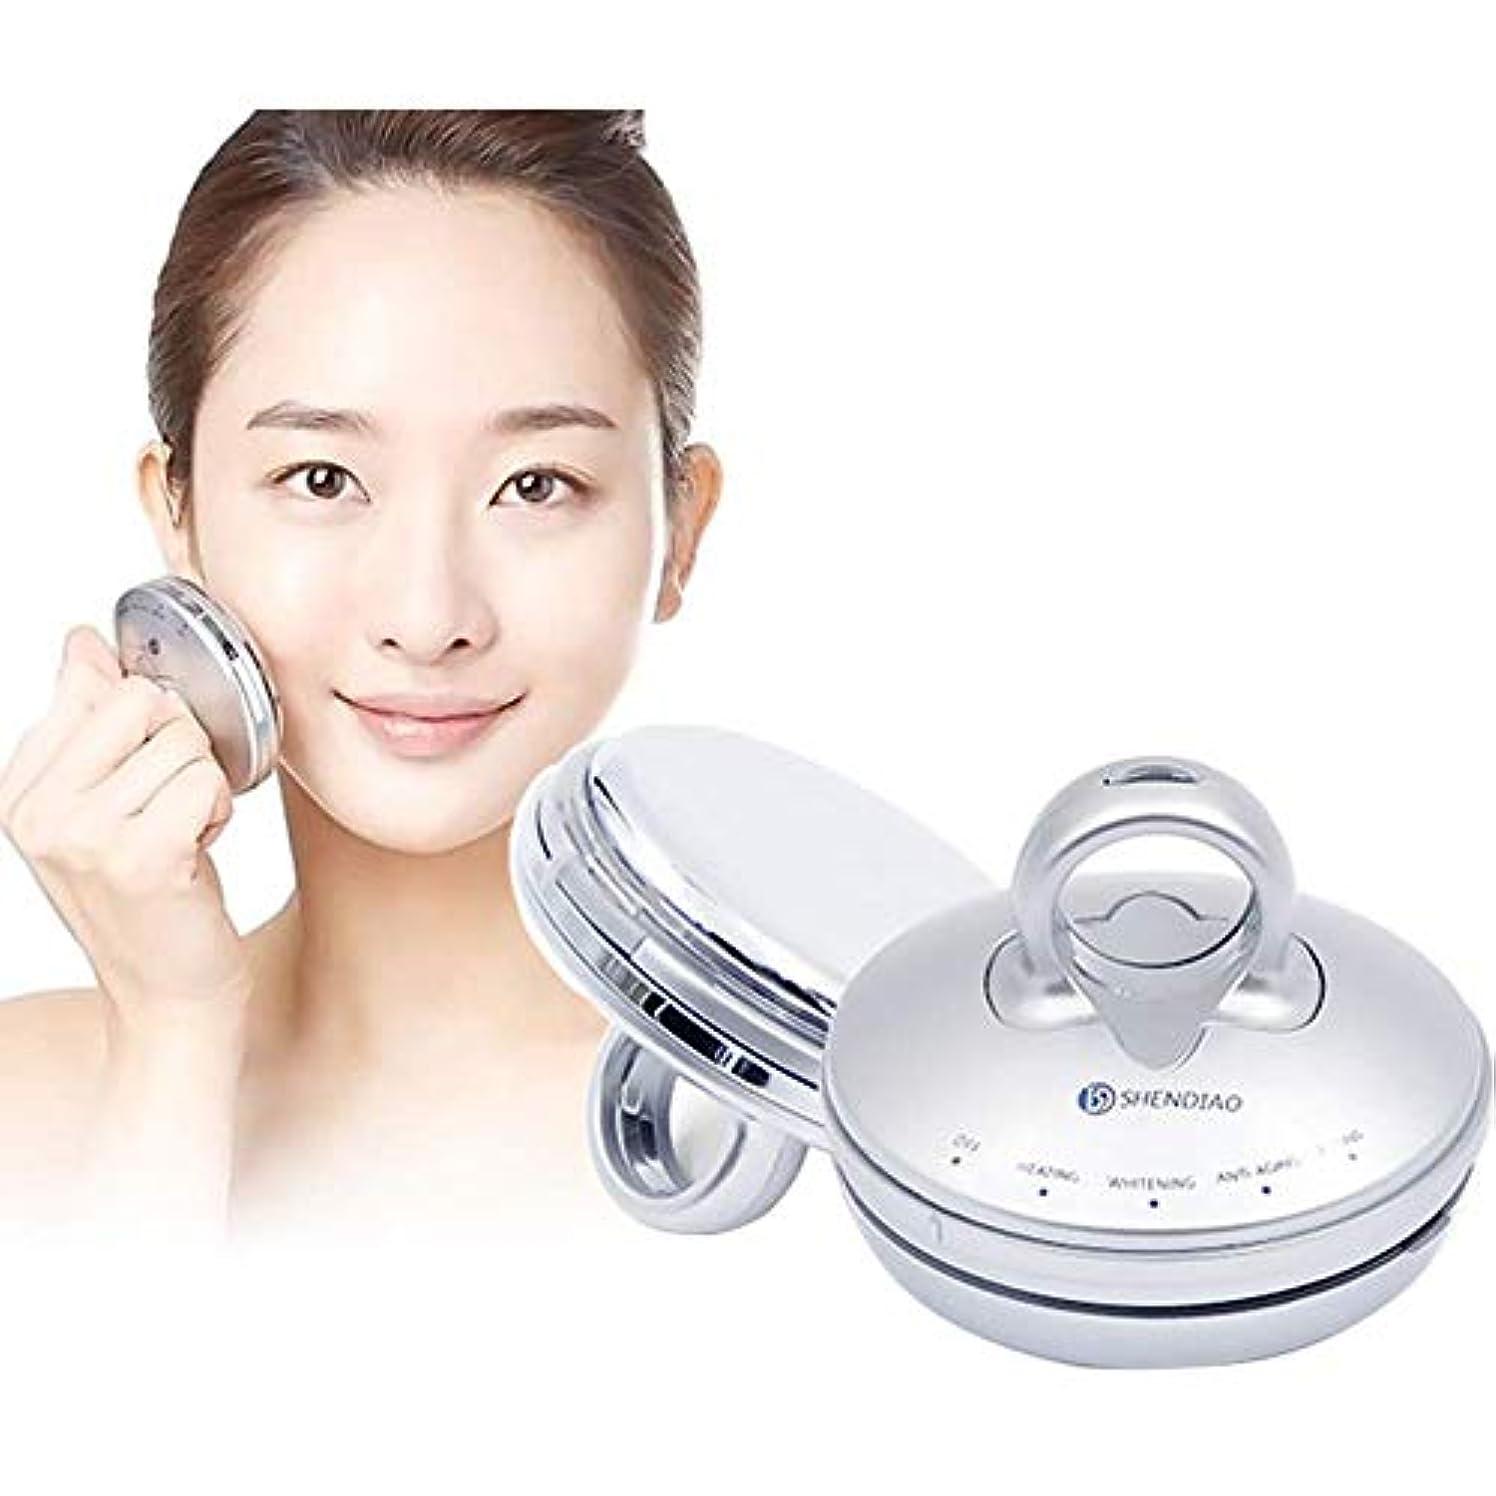 物理的にスマートガソリン美のマッサージャー、顔のマッサージャーの振動美装置の顔のしわのスキンケアの上昇の反老化の白くなるマッサージャー